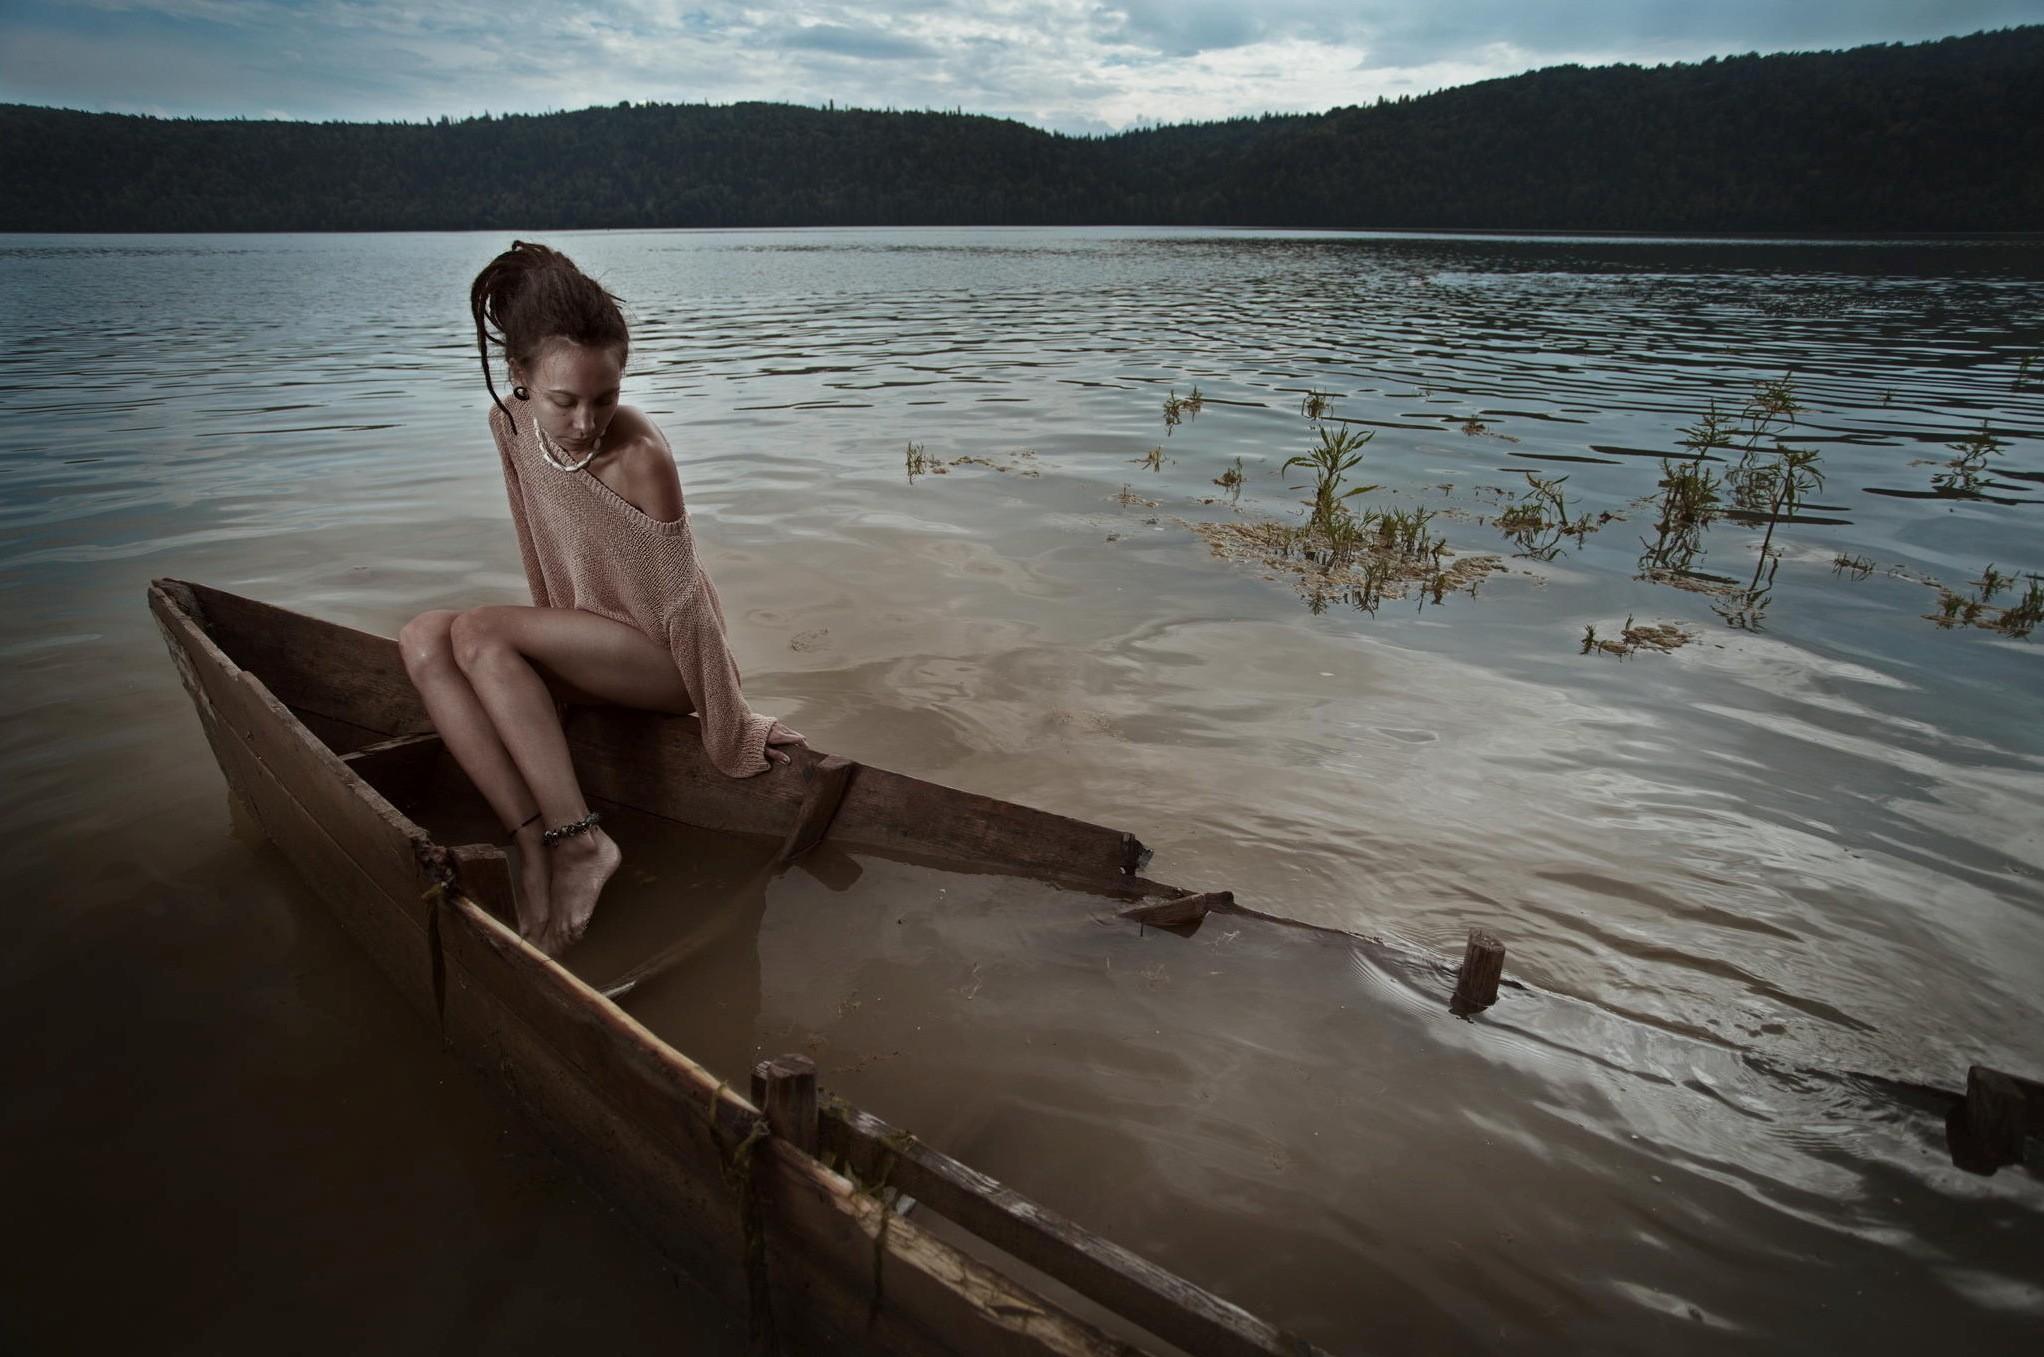 Women Outdoors Model Brunette Women Dreadlocks Bare Shoulders Anklet Sitting In Water 2044x1357